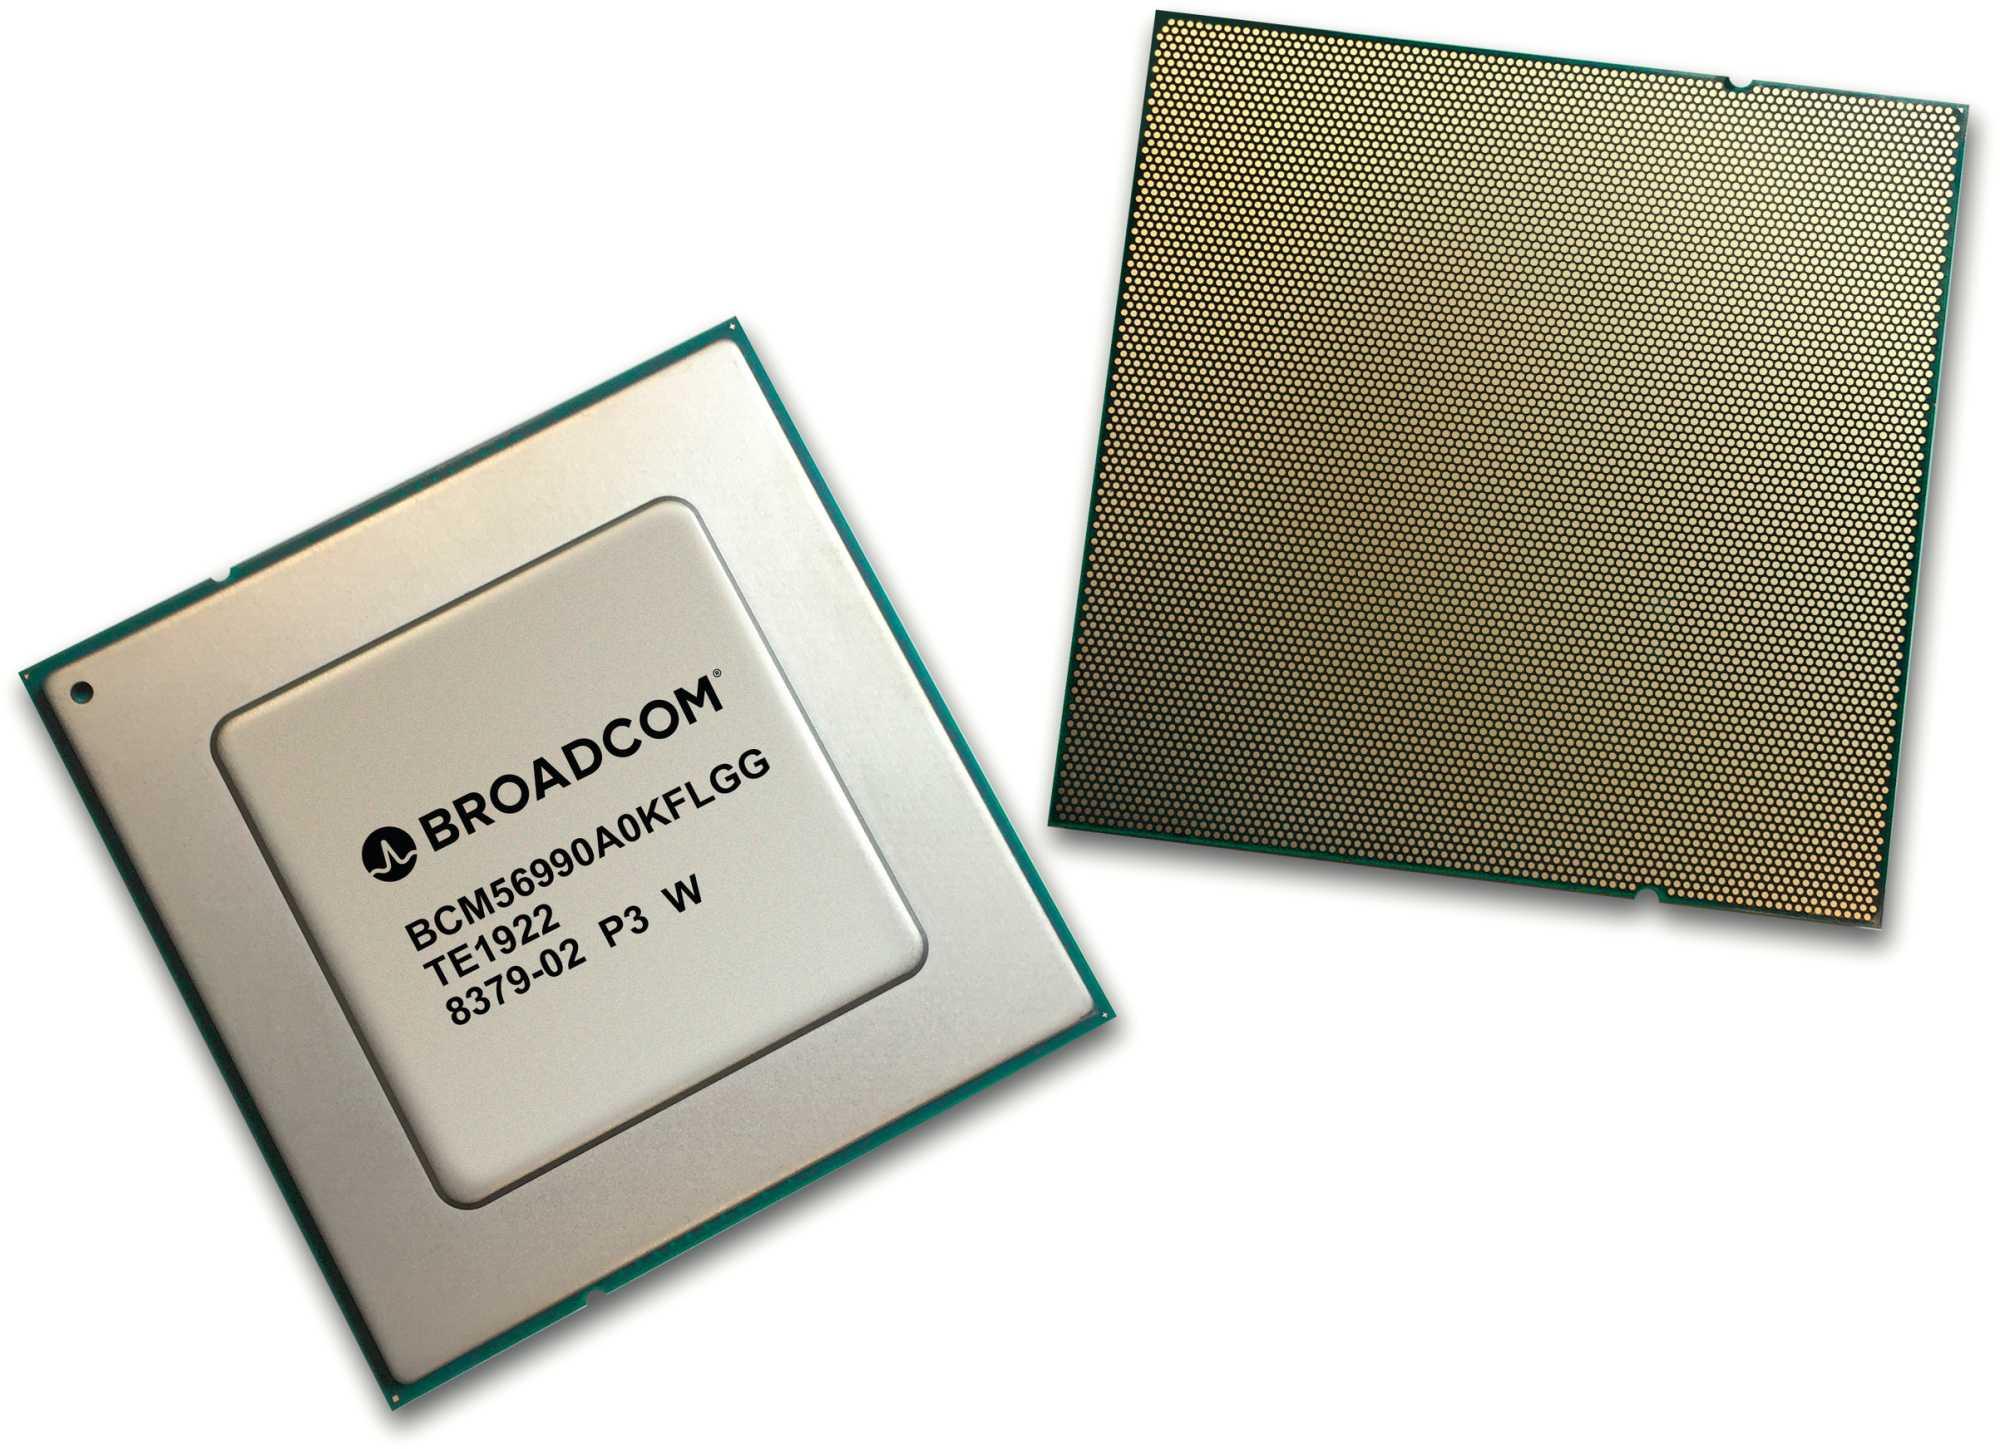 Der Broadcom-Netzwerkprozessor Tomahawk 4 nutzt 31 Milliarden 7-Nanometer-Transistoren, um 64 Ethernet-Ports mit je 400 GBit/s zu verknüpfen.